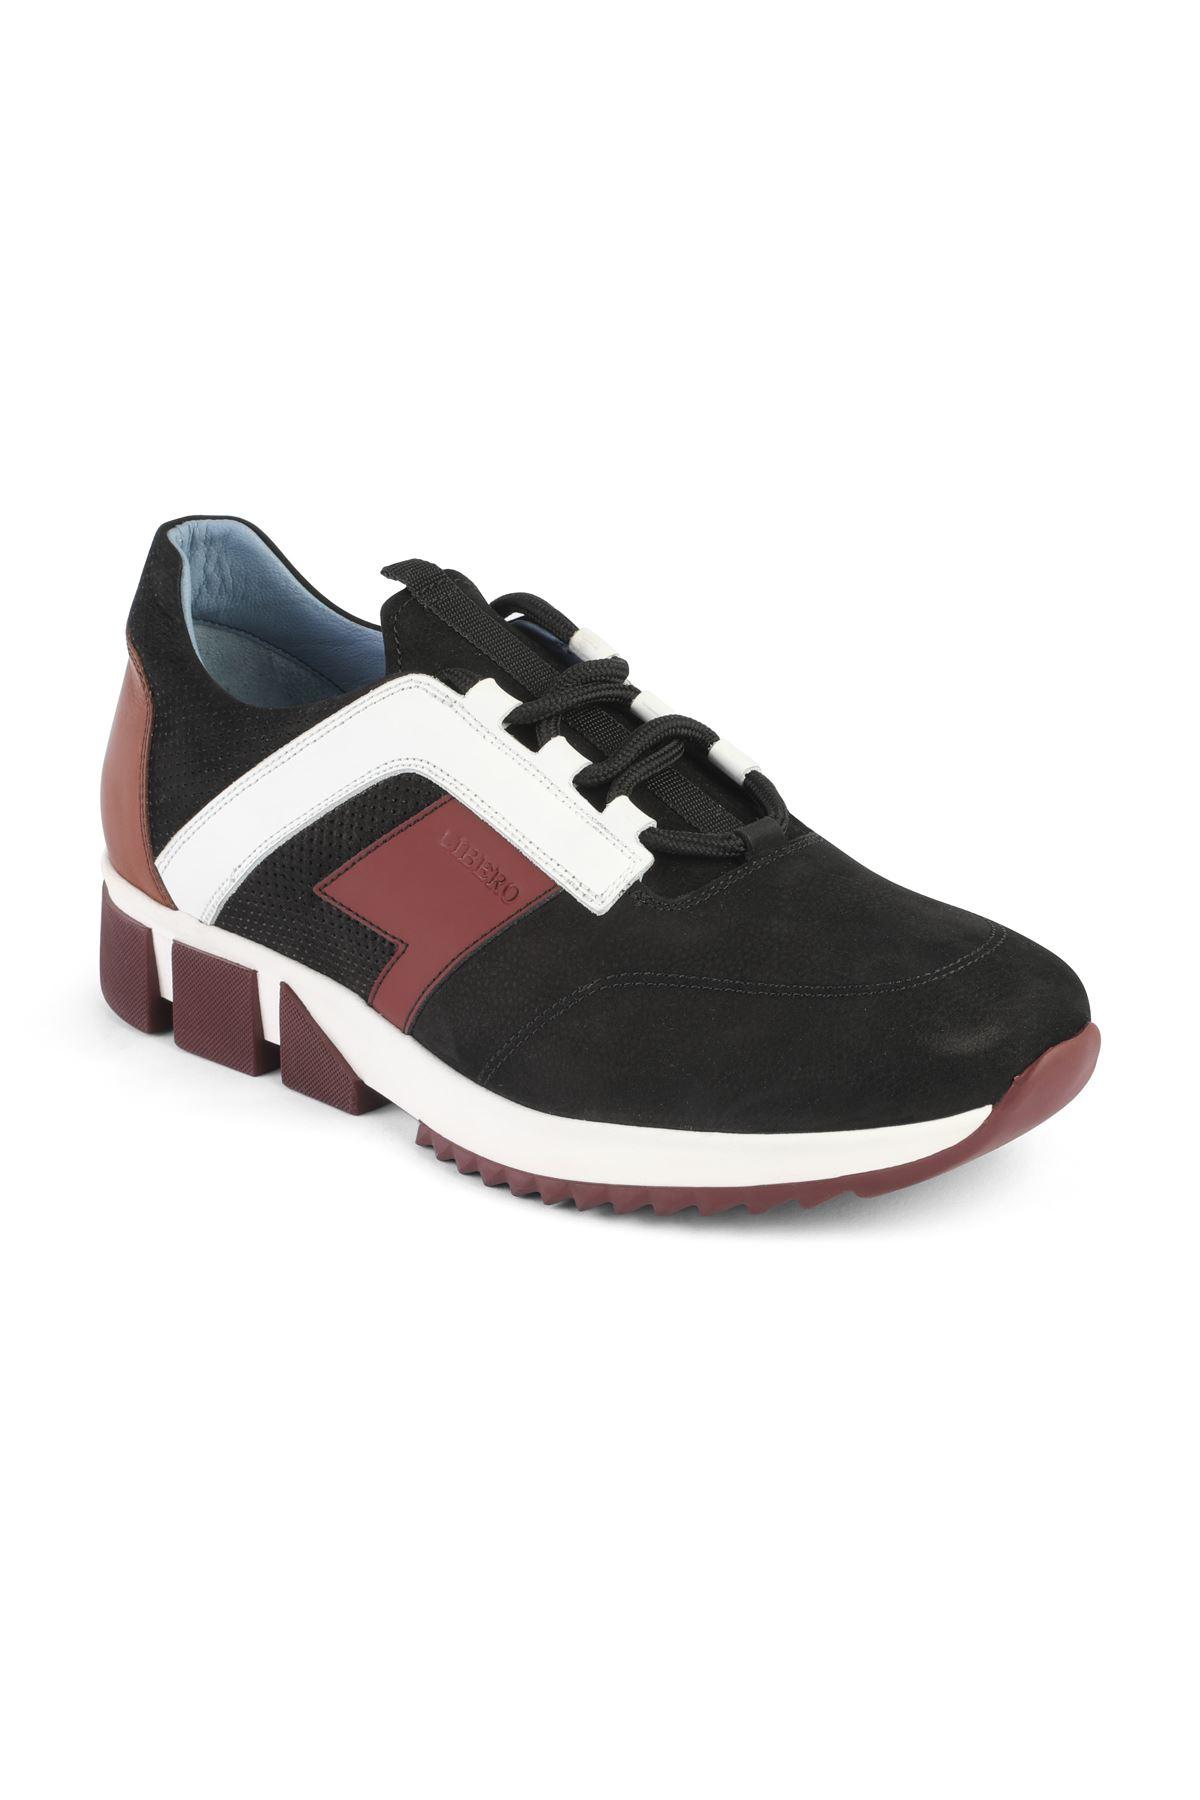 Libero 3391 Siyah Spor Ayakkabı